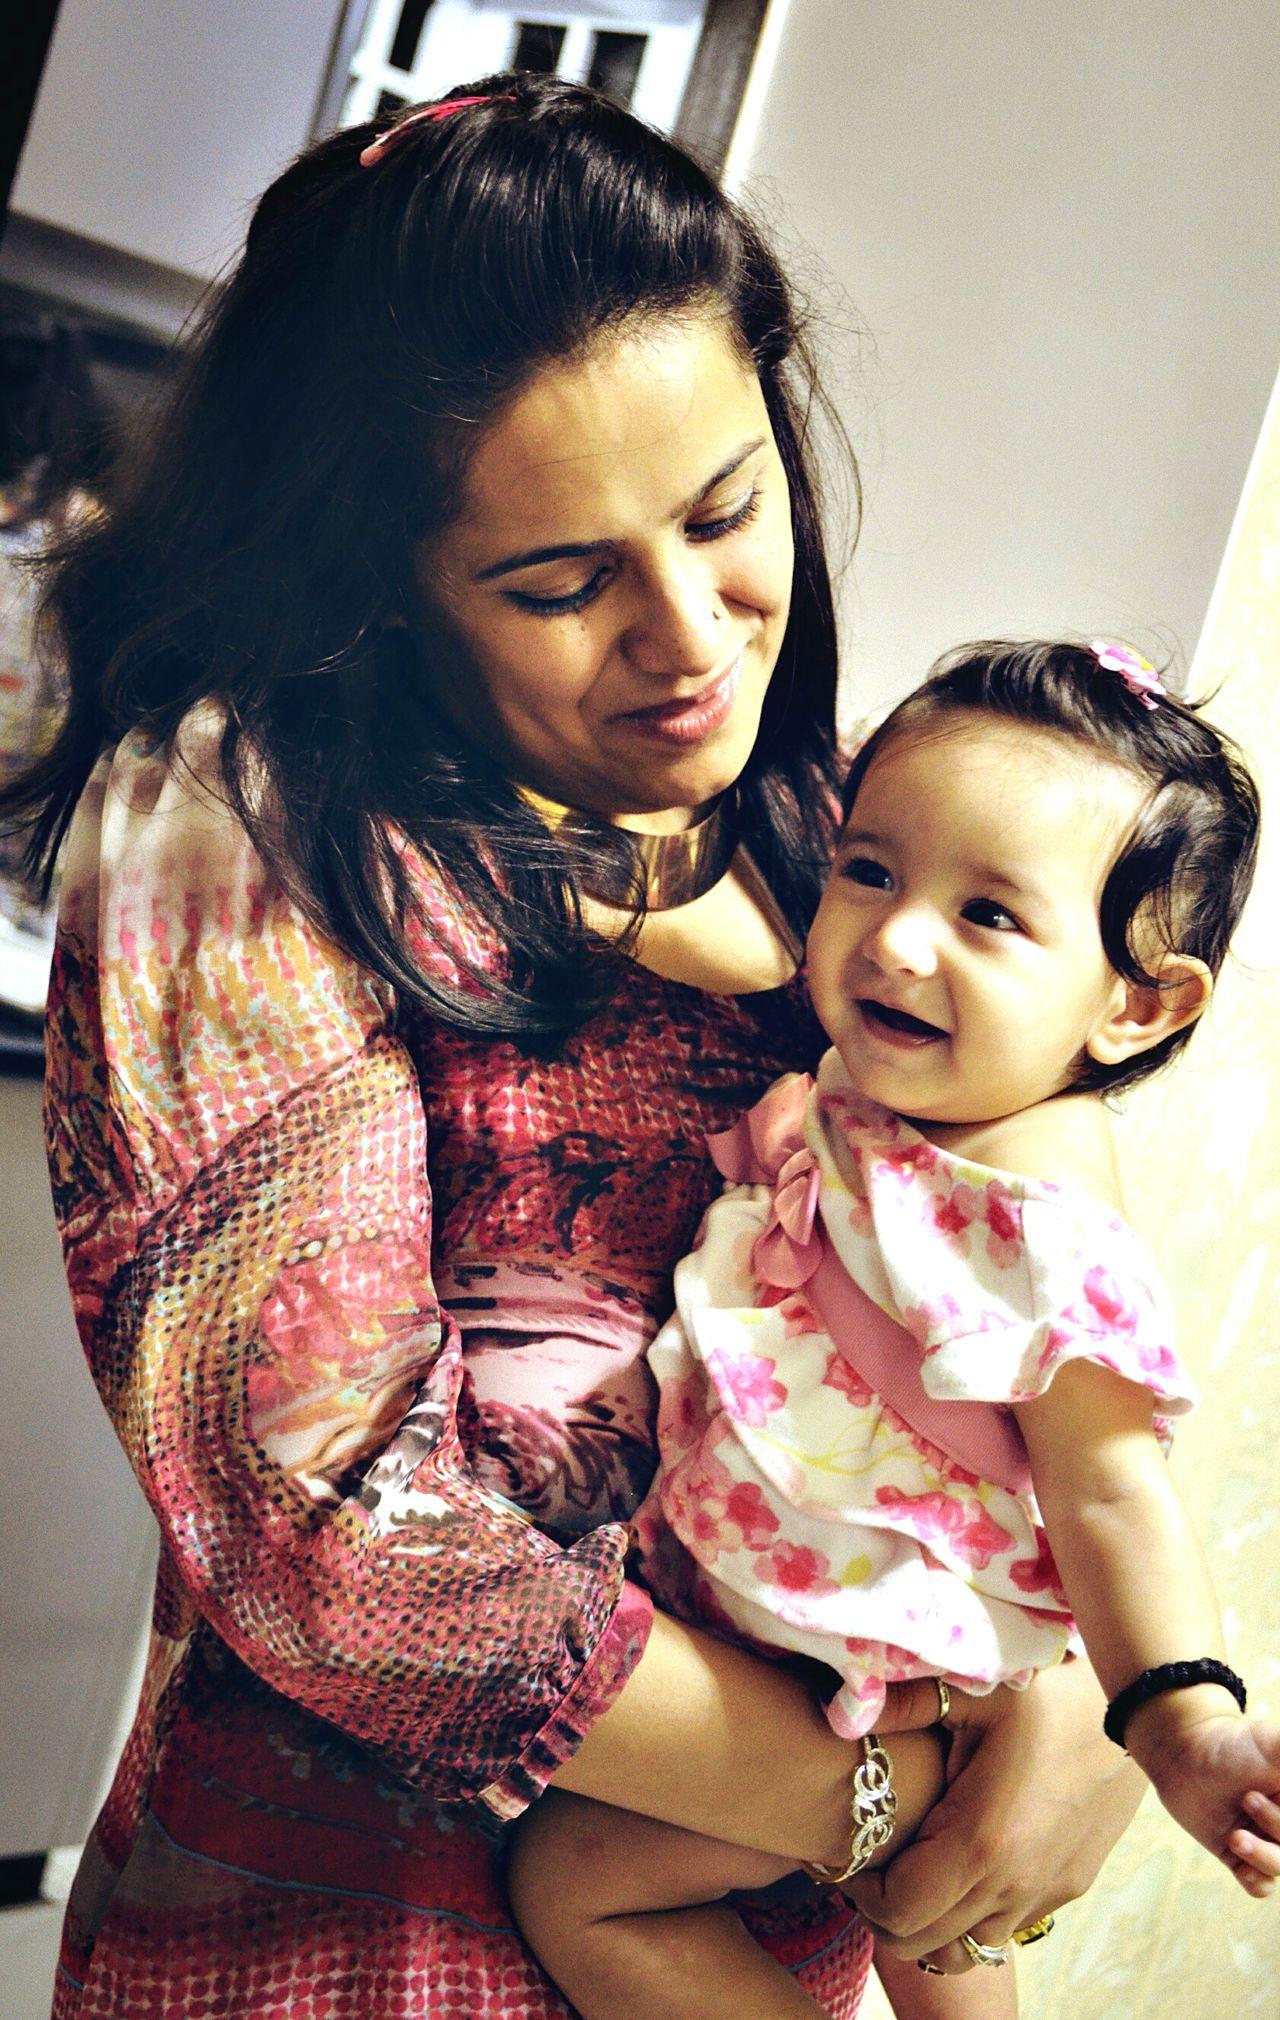 Motherlove Motherhood Babyphotography Love Happy Noteethsmile